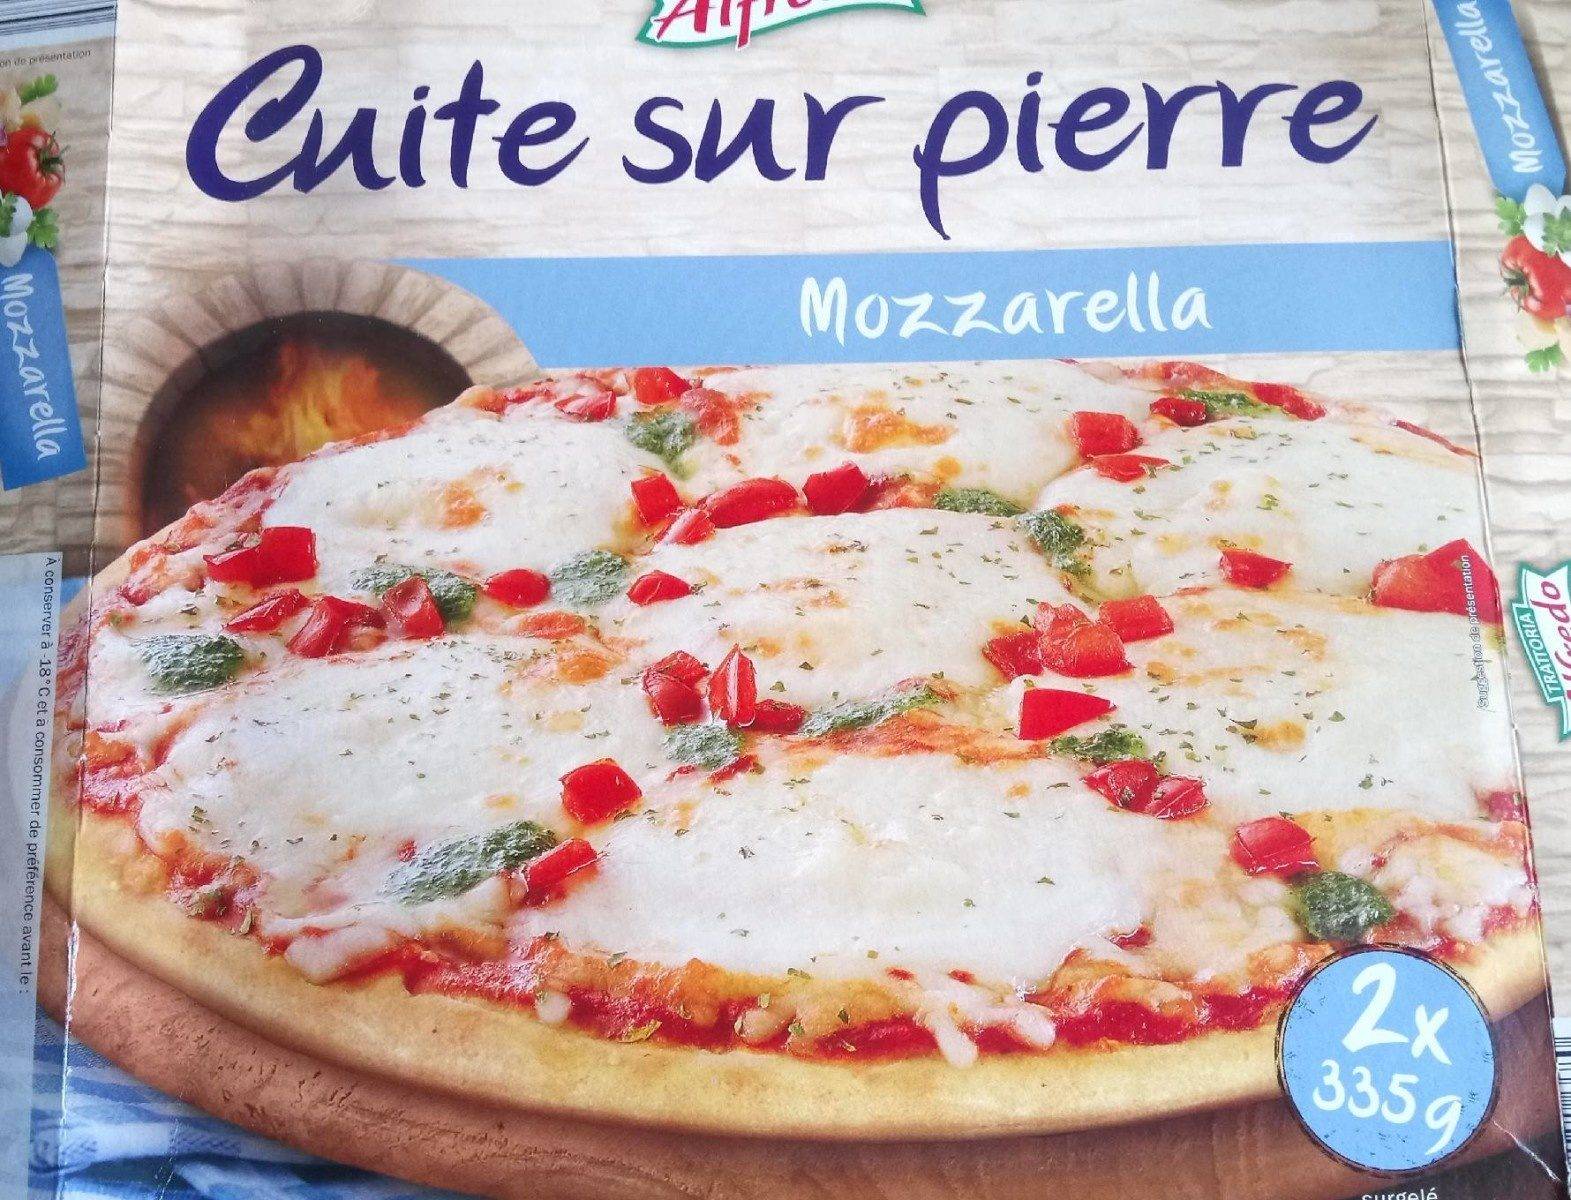 Pizza Mozzarella cuite sur pierre - Produit - fr